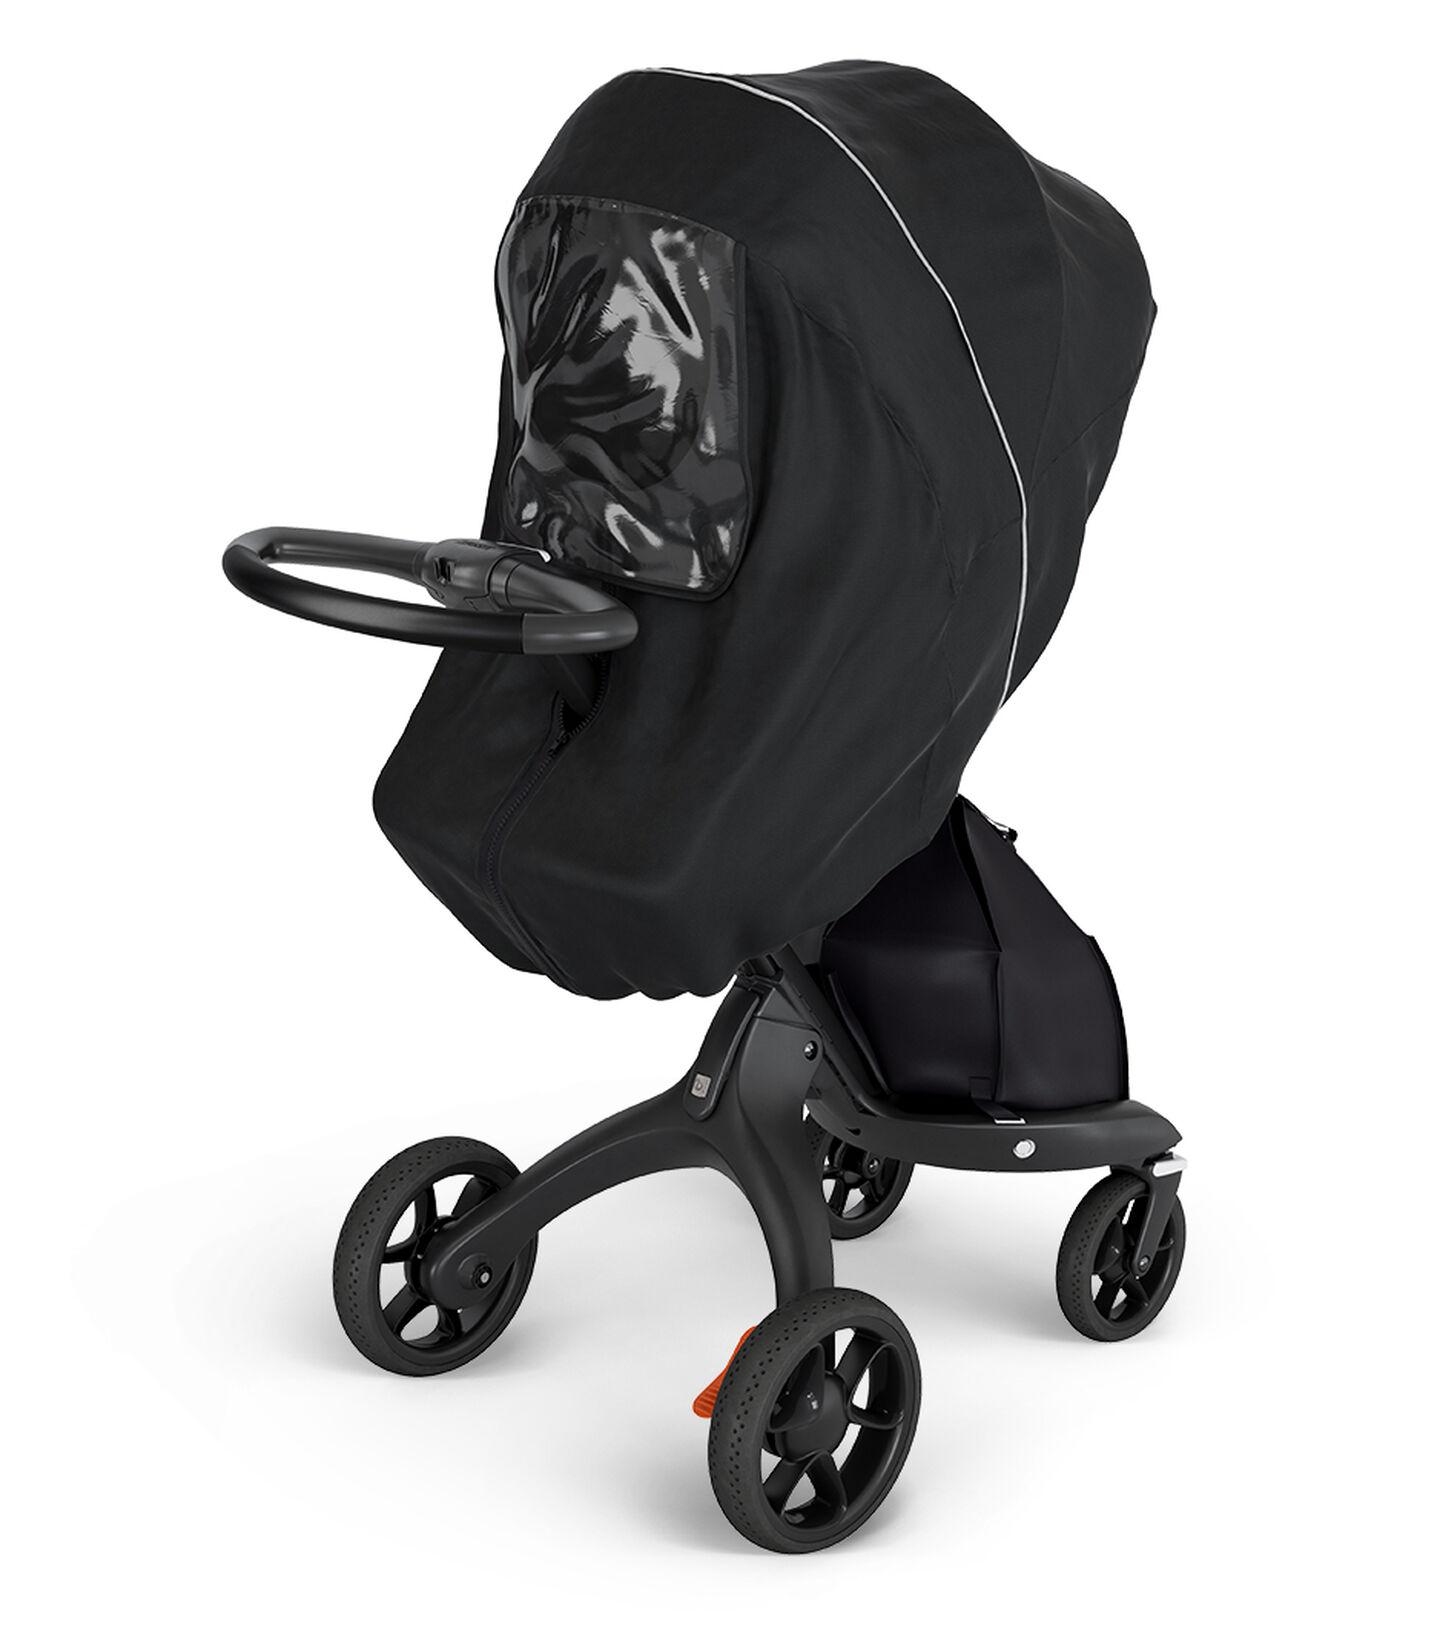 Stokke® Xplory® Black Chassis. Stokke® Stroller Rain cover.